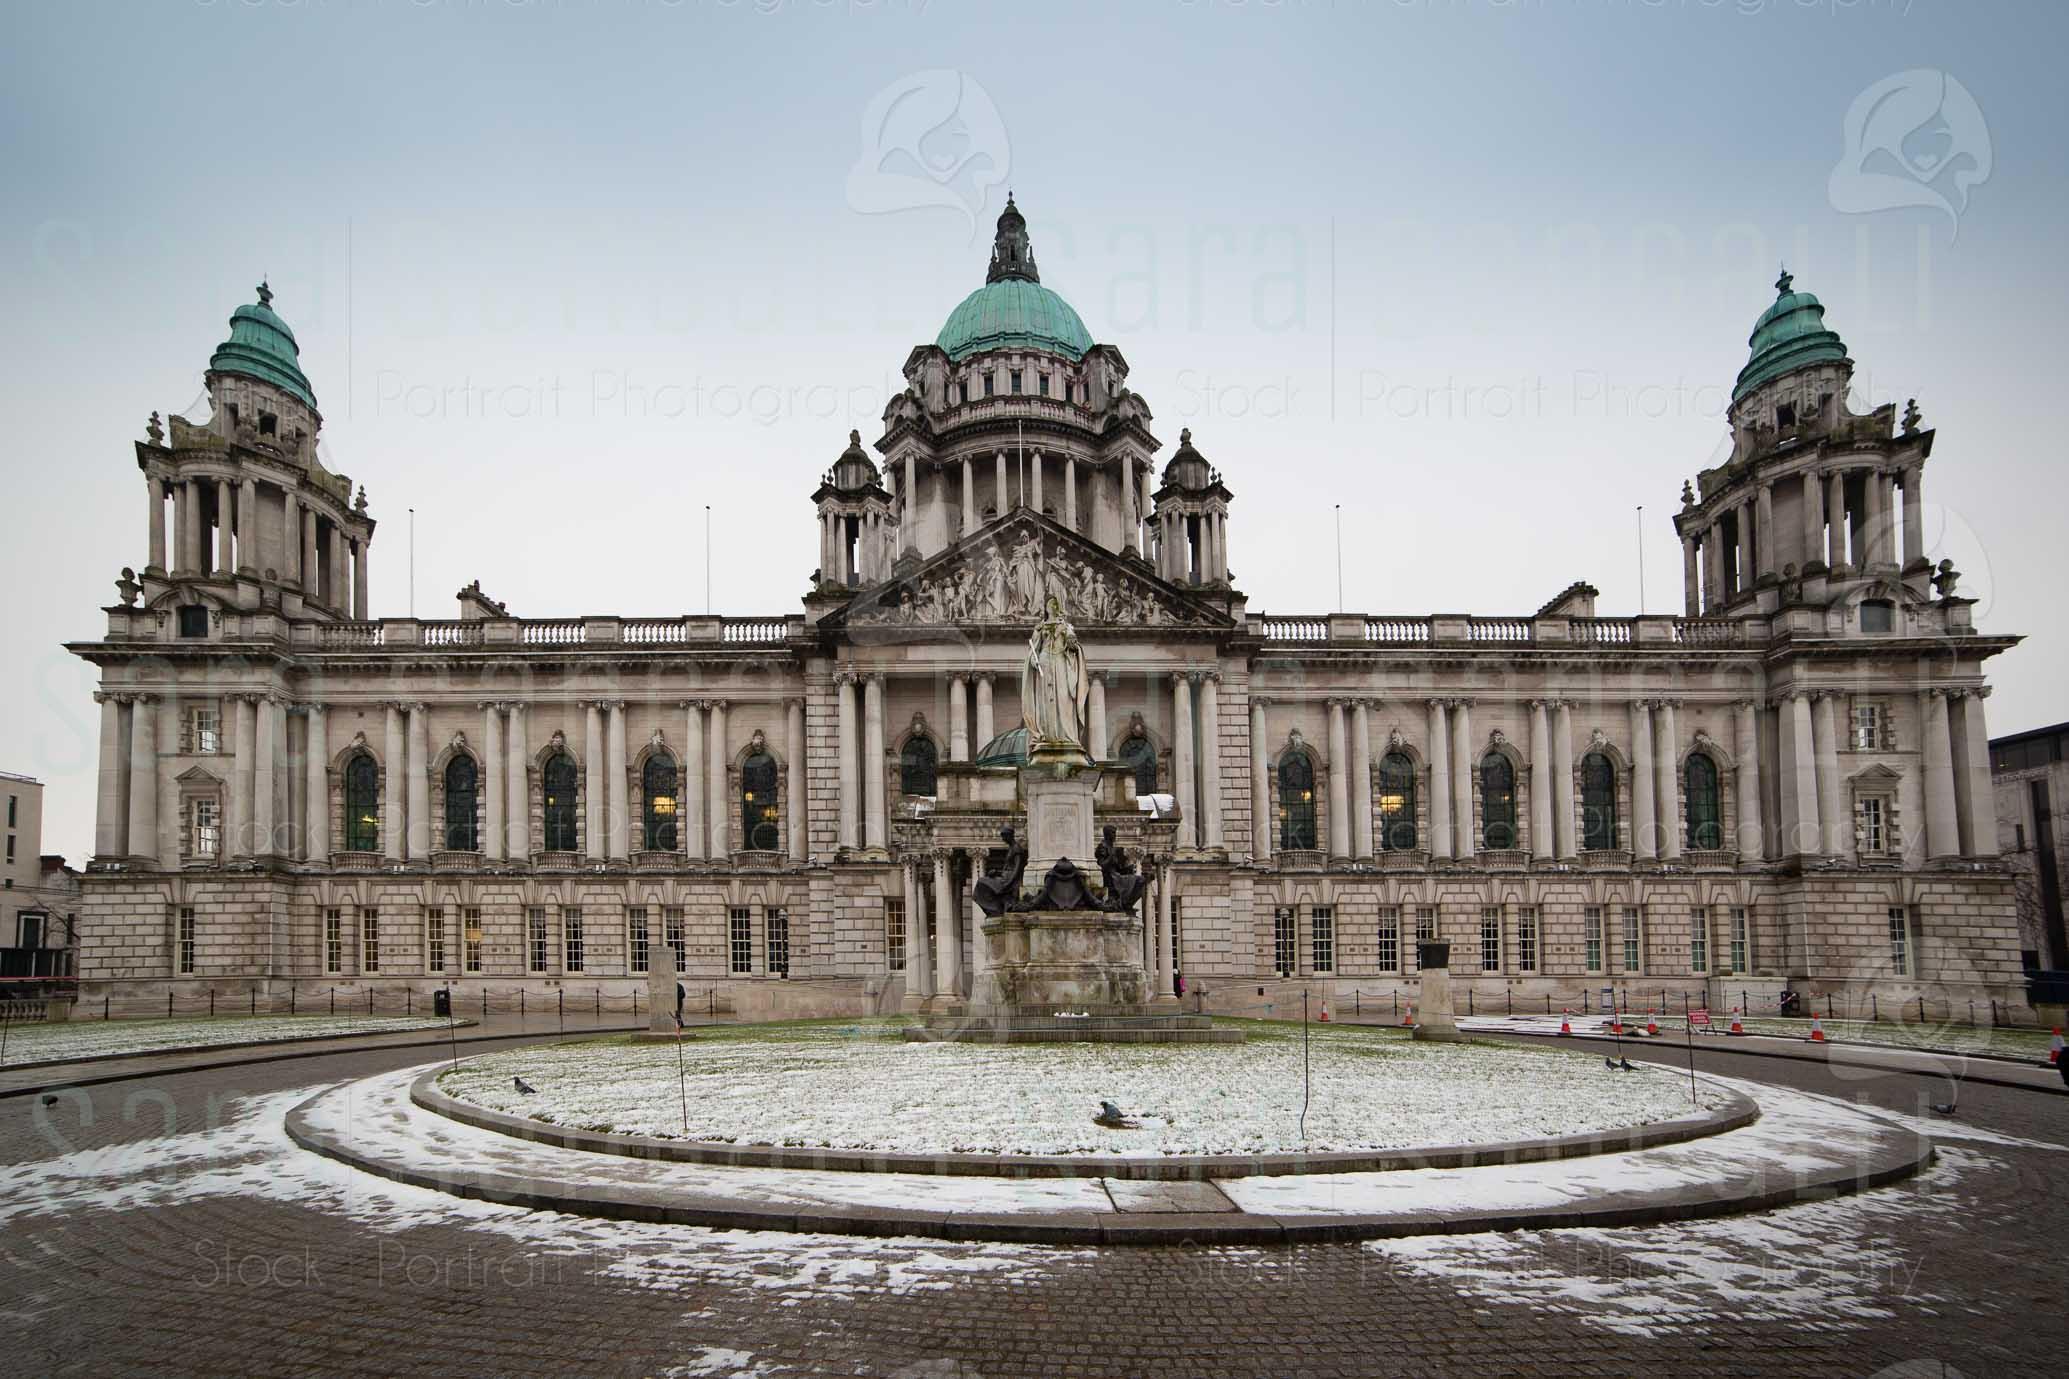 Facciata frontale del municipio di Belfast durante l'inverno © Sara Sangalli